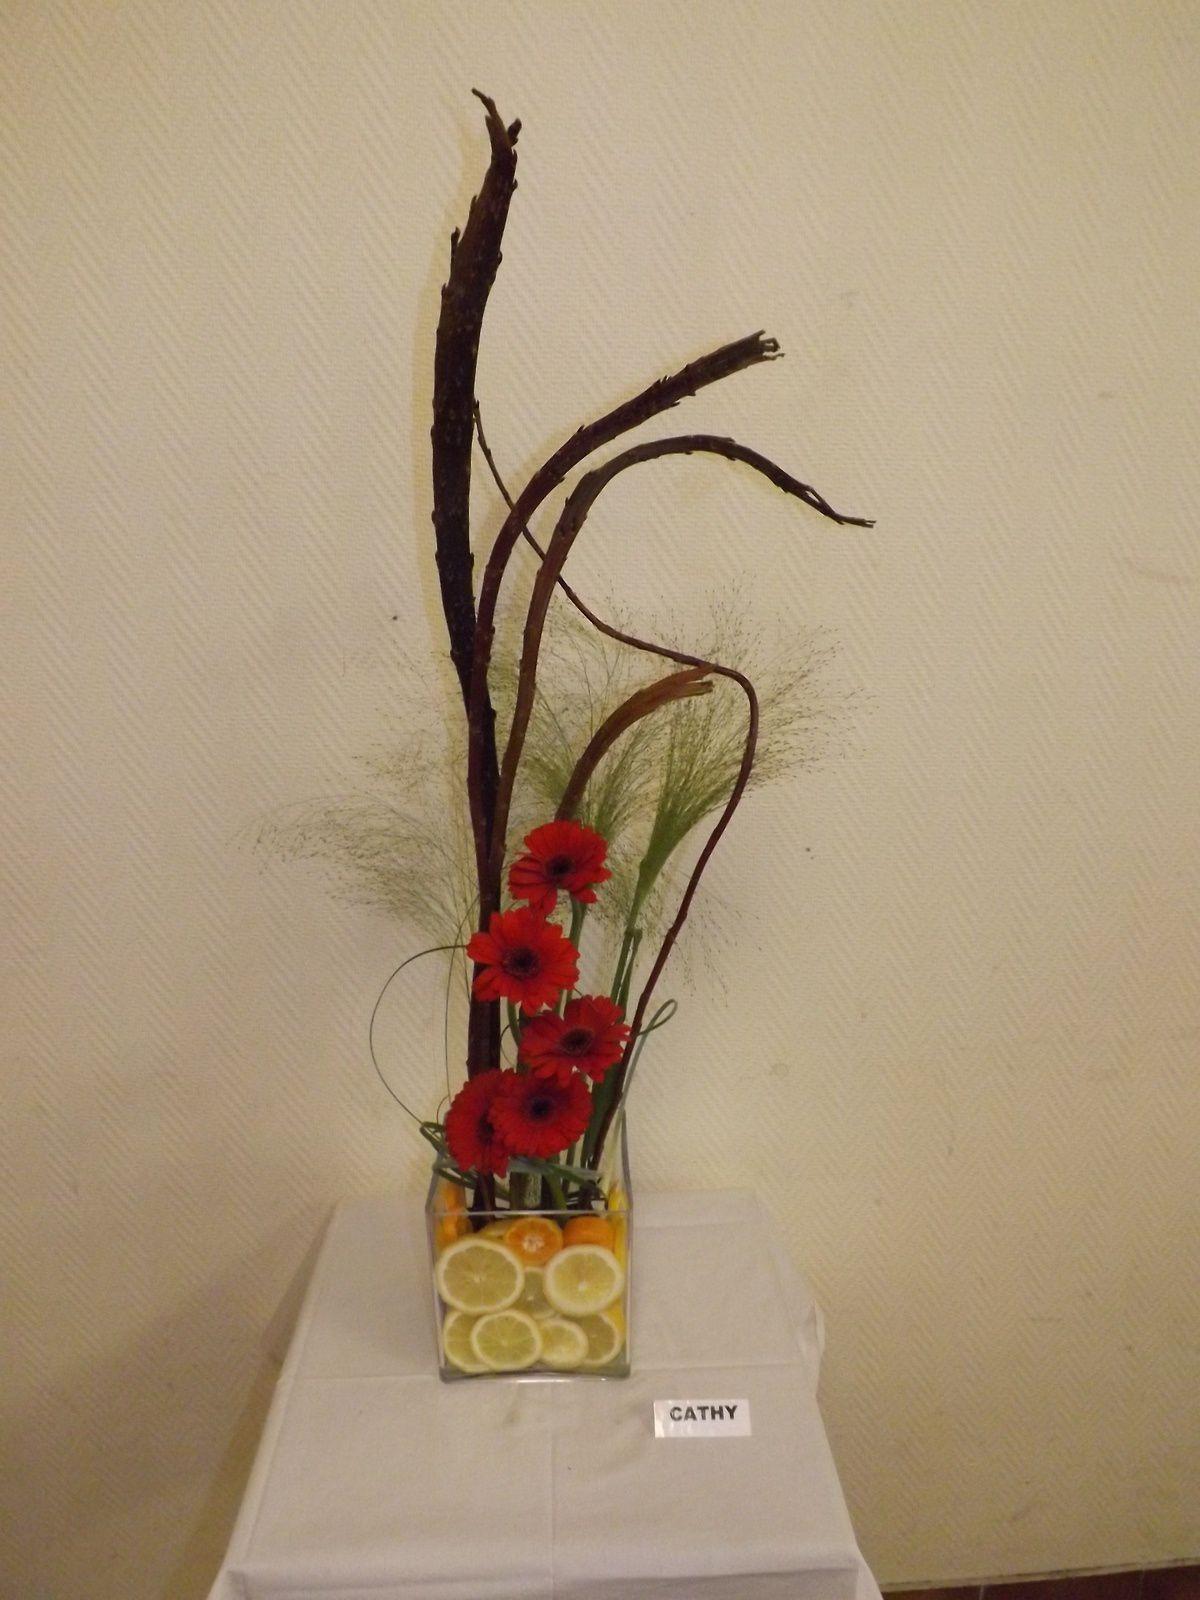 Salix, Panicum, Grévilléa, Bear-Grass, Tulipes ou Giroflée ou Germini, clémentine